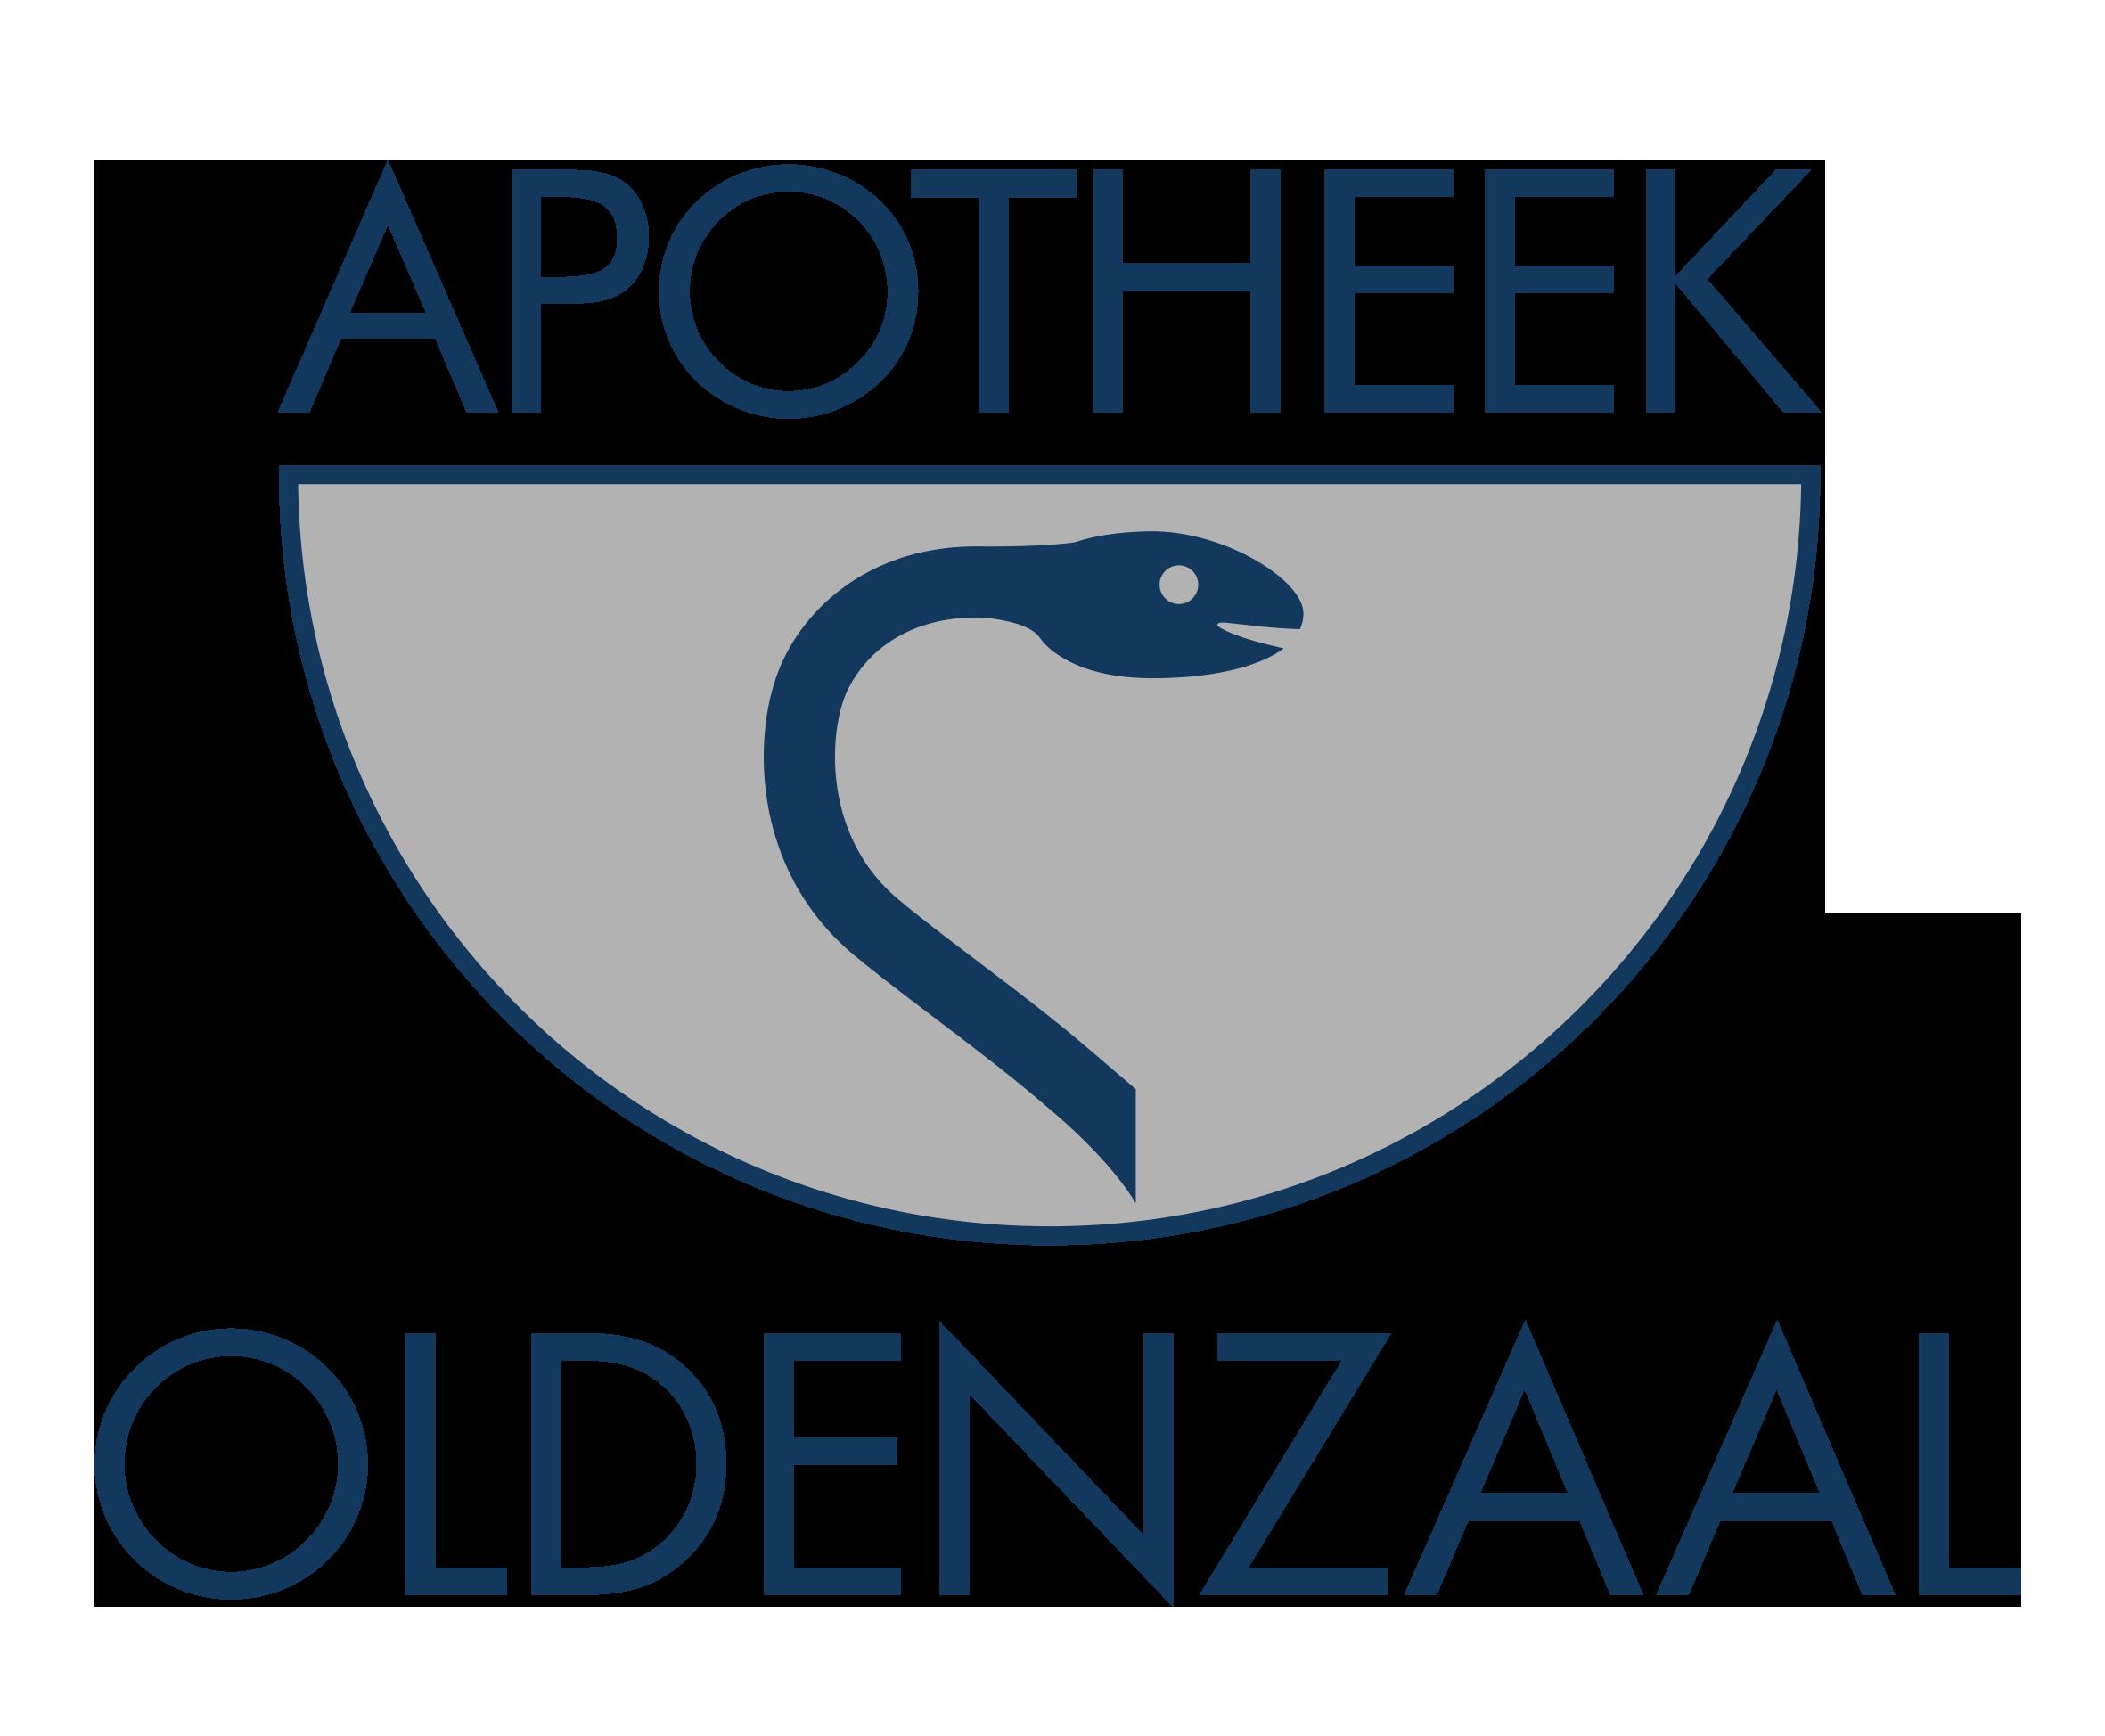 Apotheek Oldenzaal